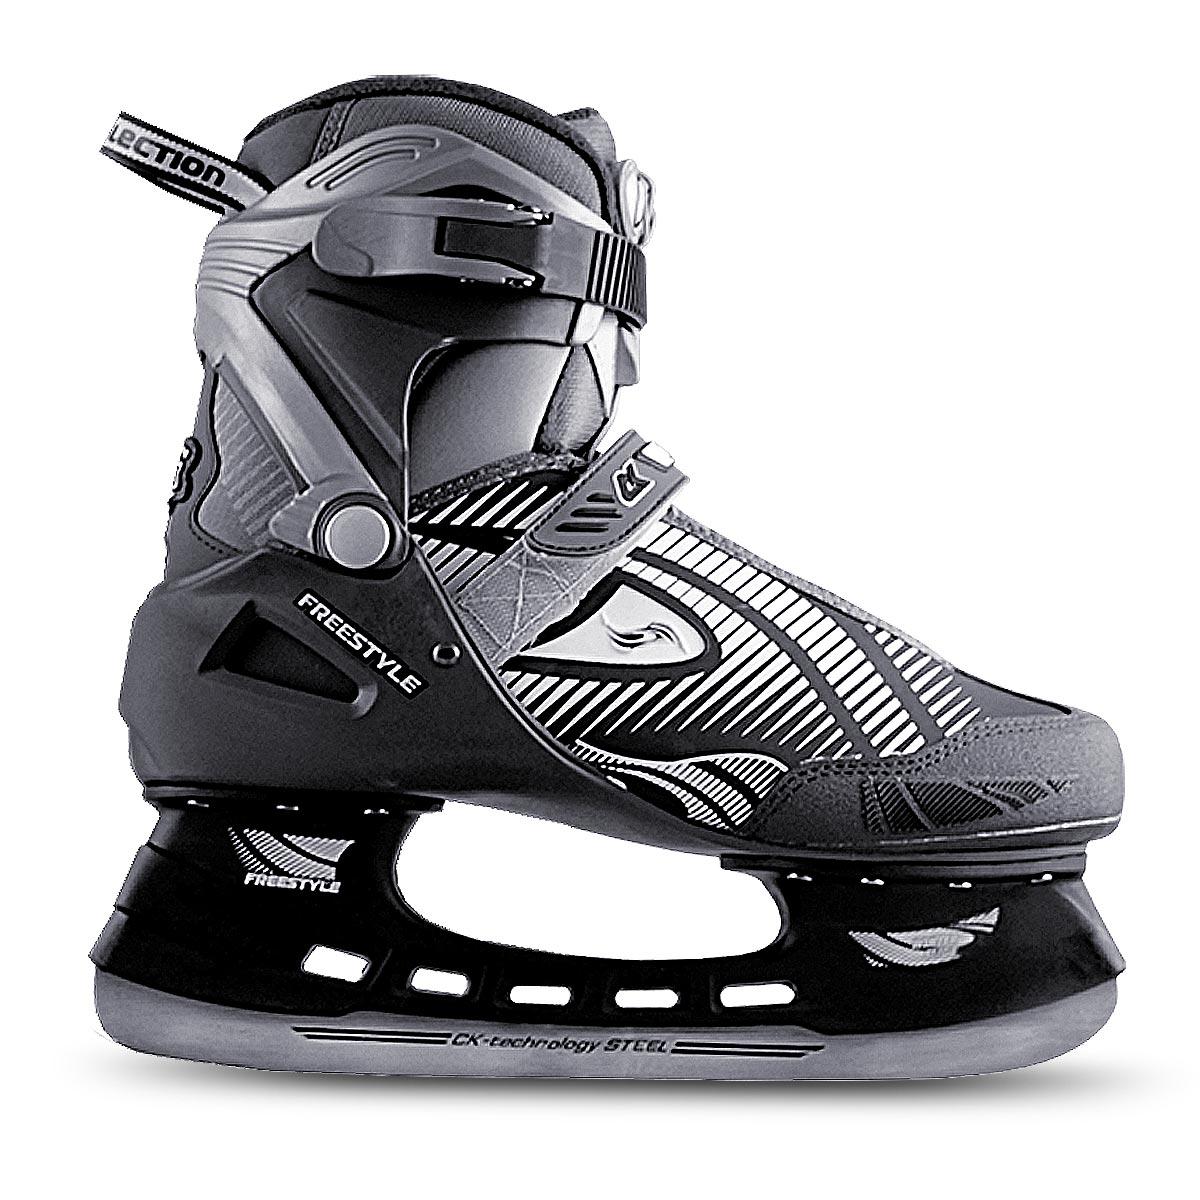 CK Коньки хоккейные для мальчика Freestyle